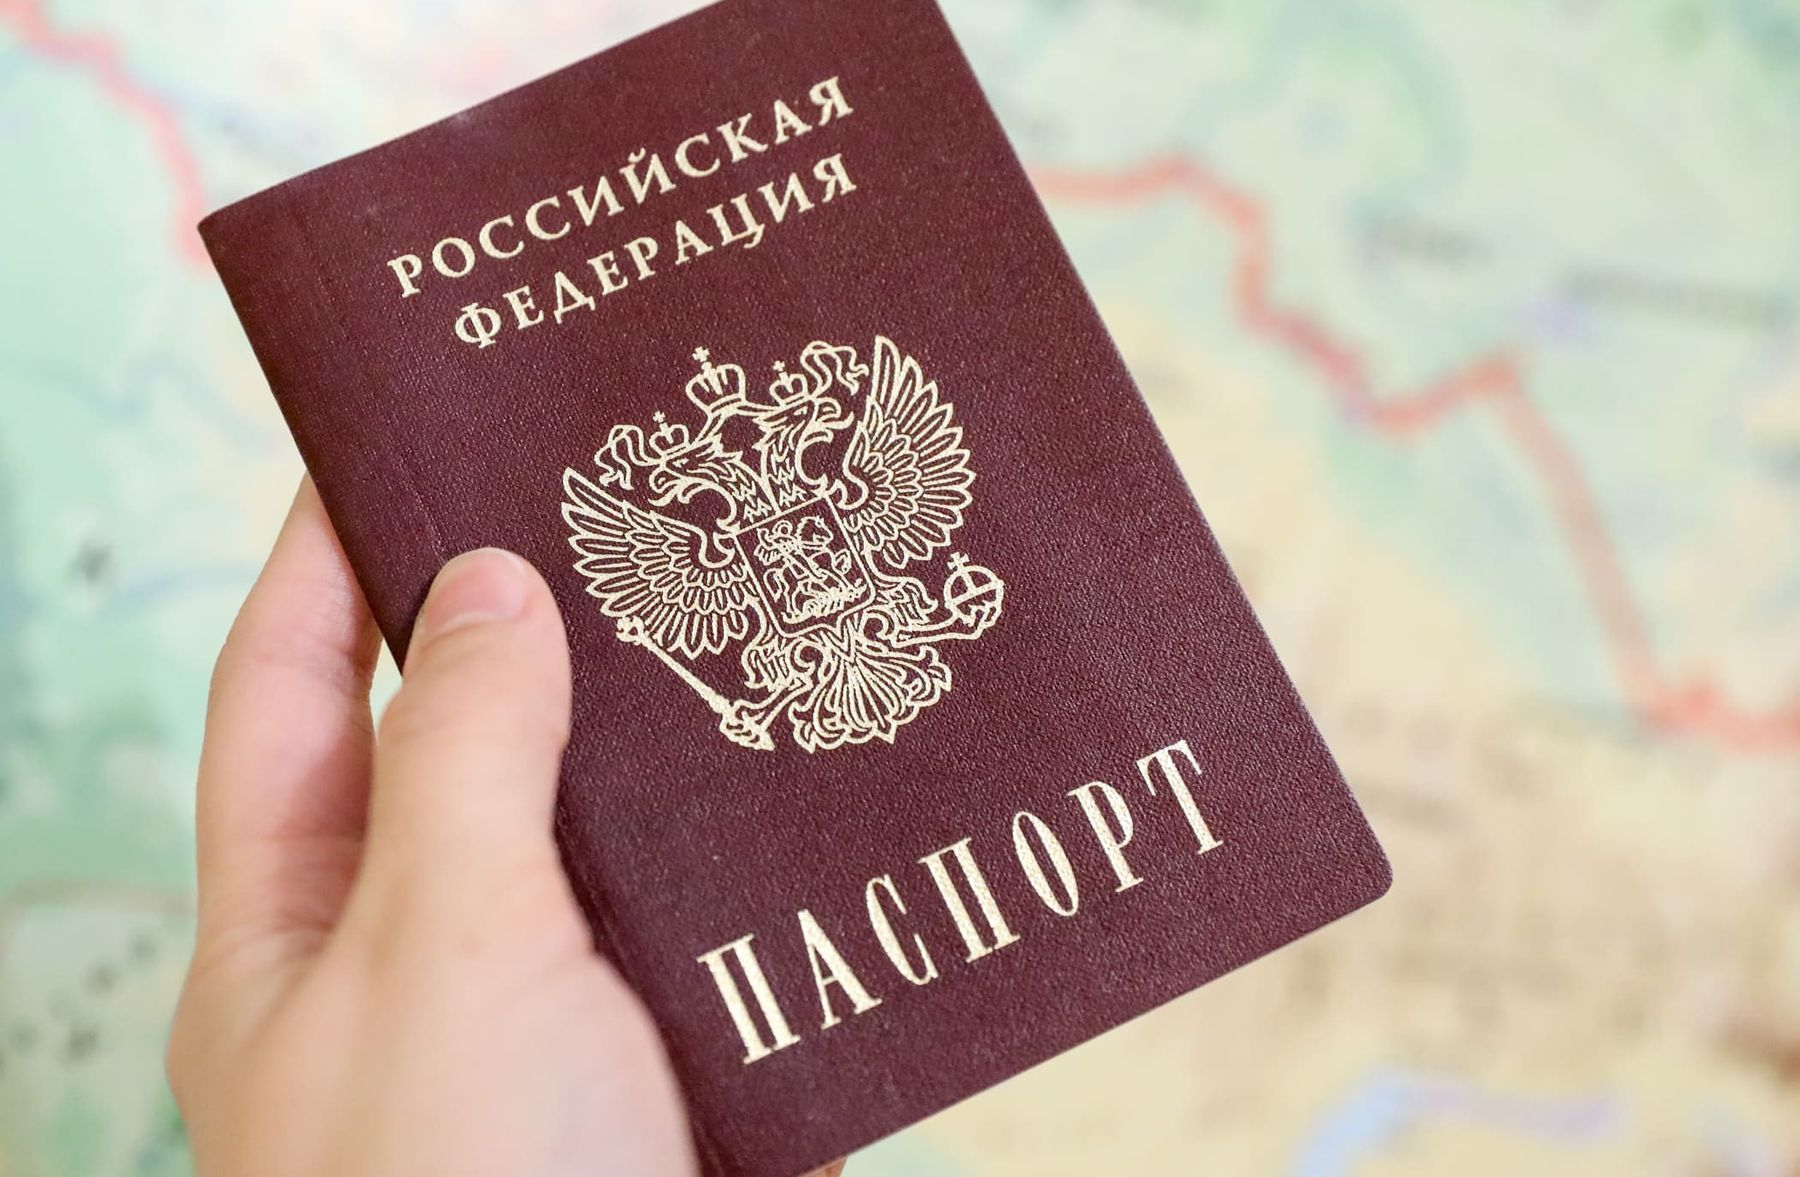 Правительство РФ одобрило признание украинцев носителями русского языка